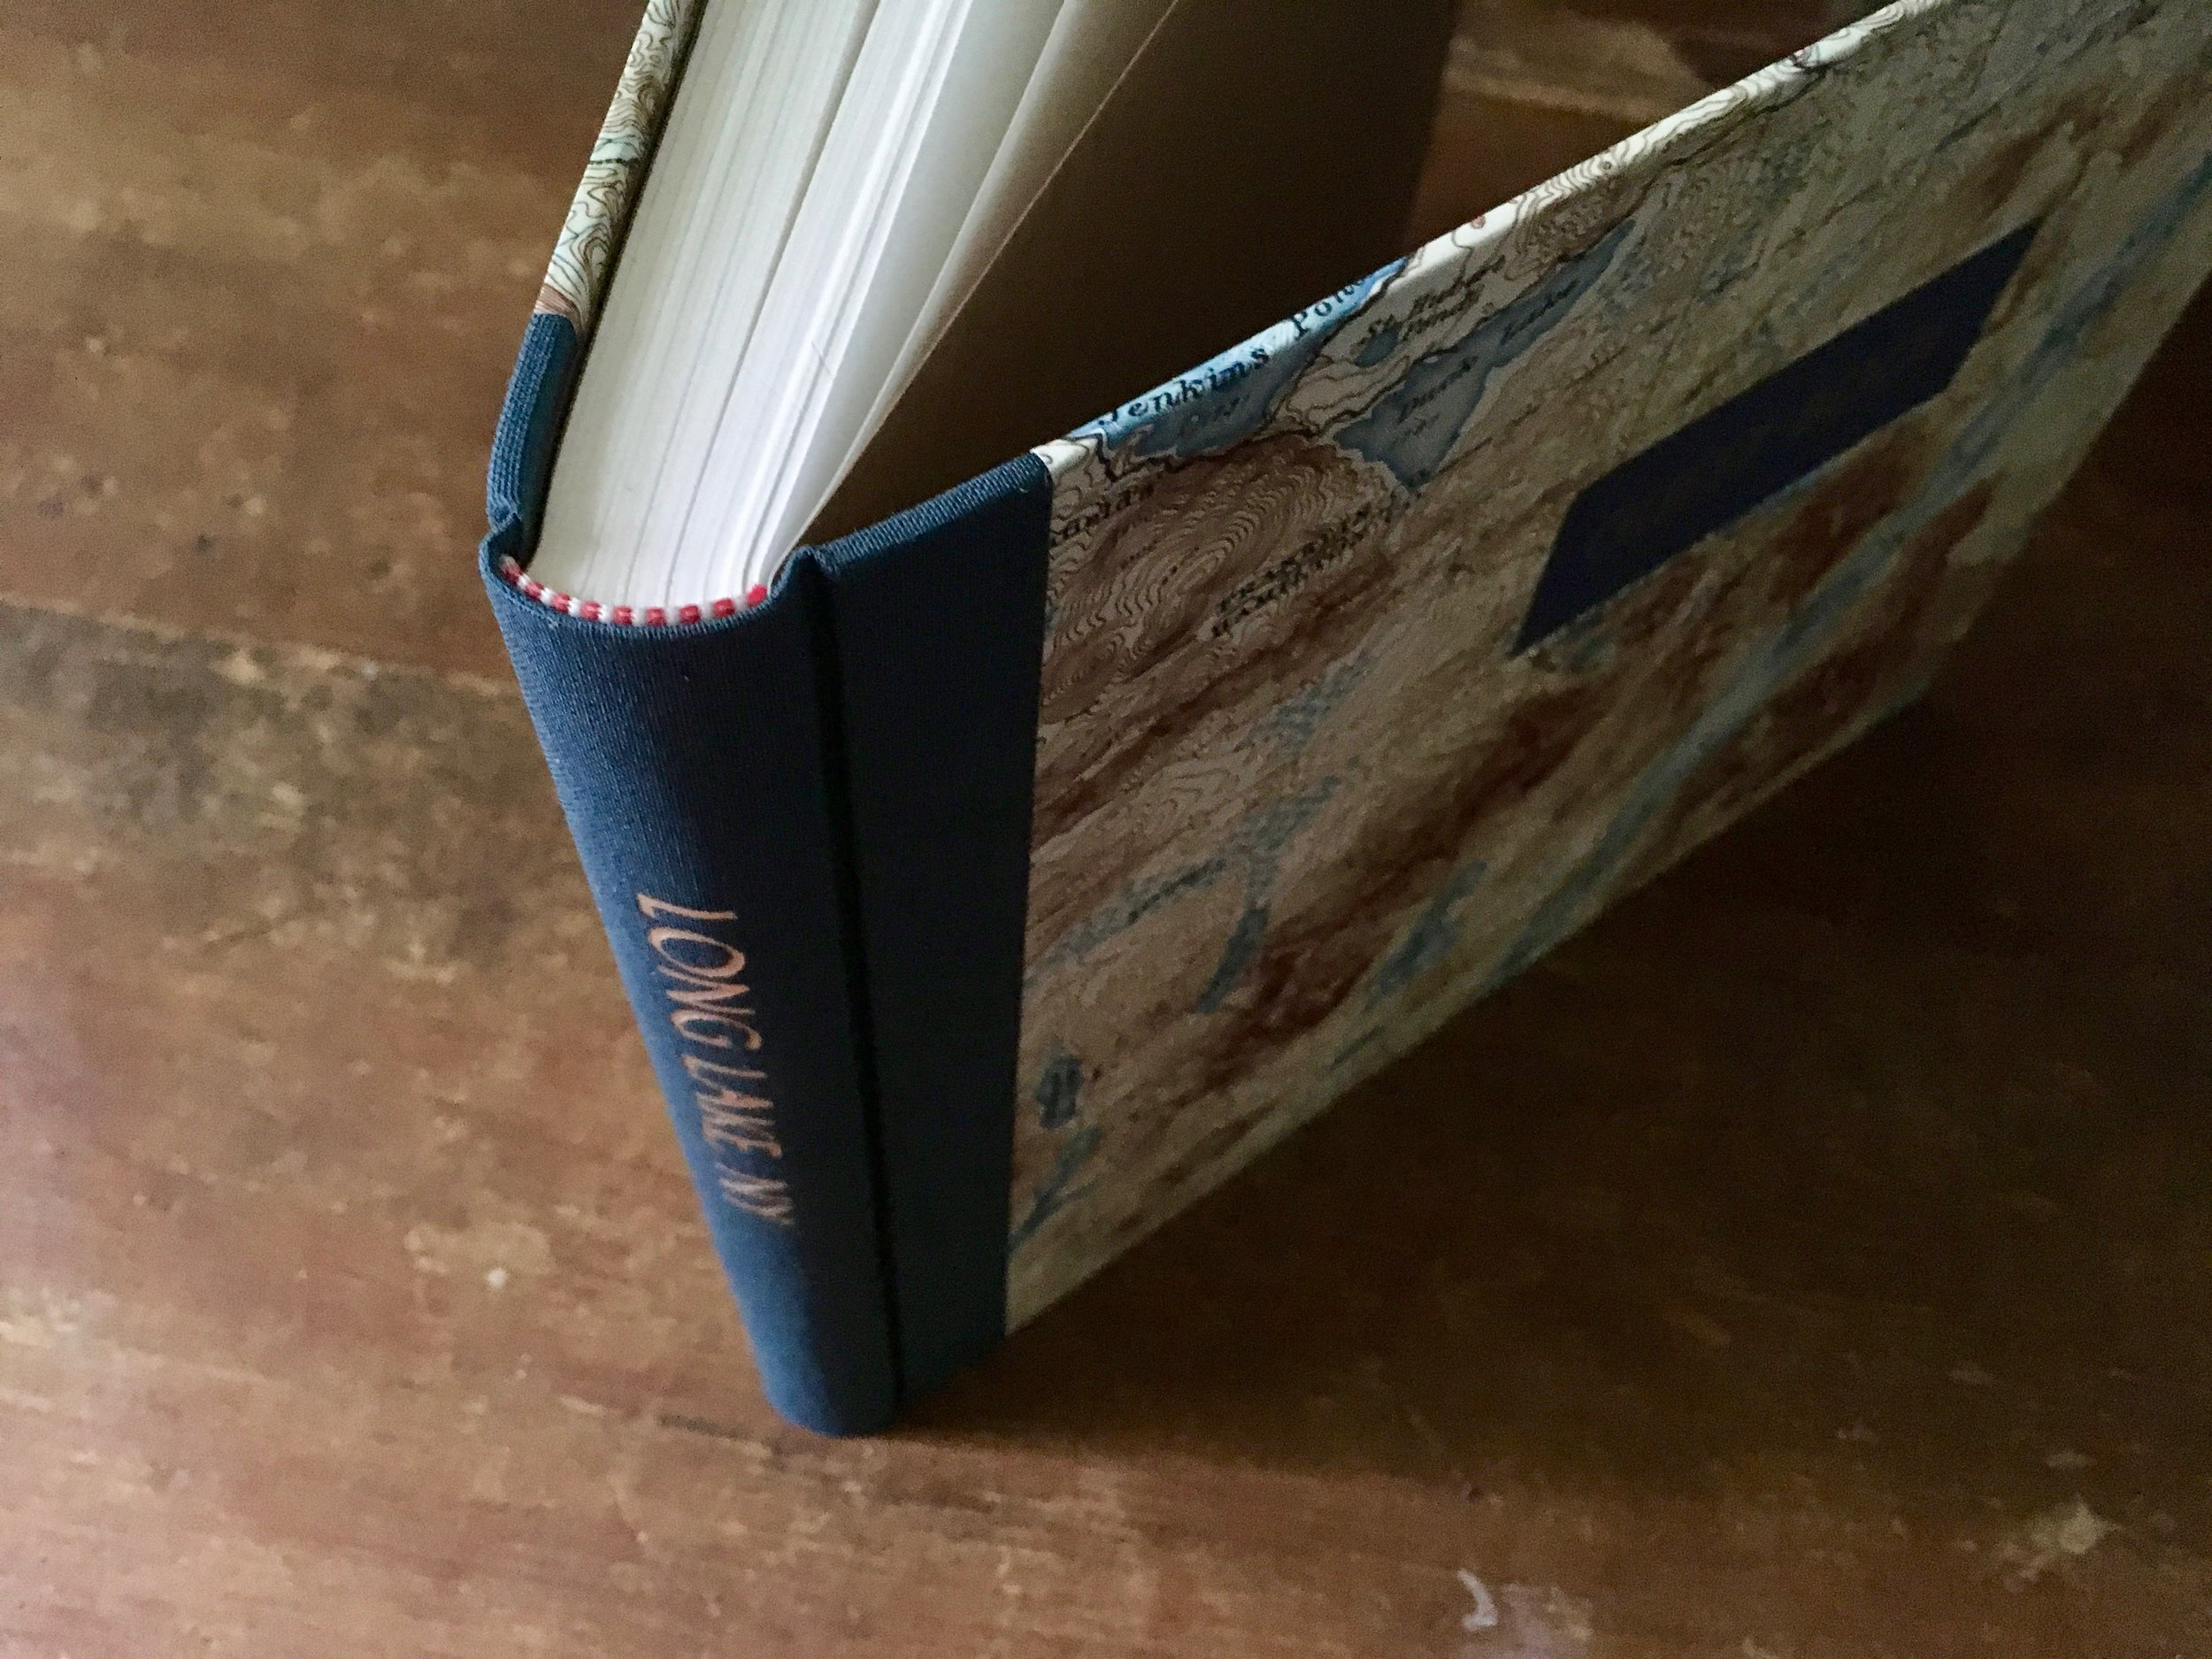 dski-large-guest-book-4.jpg